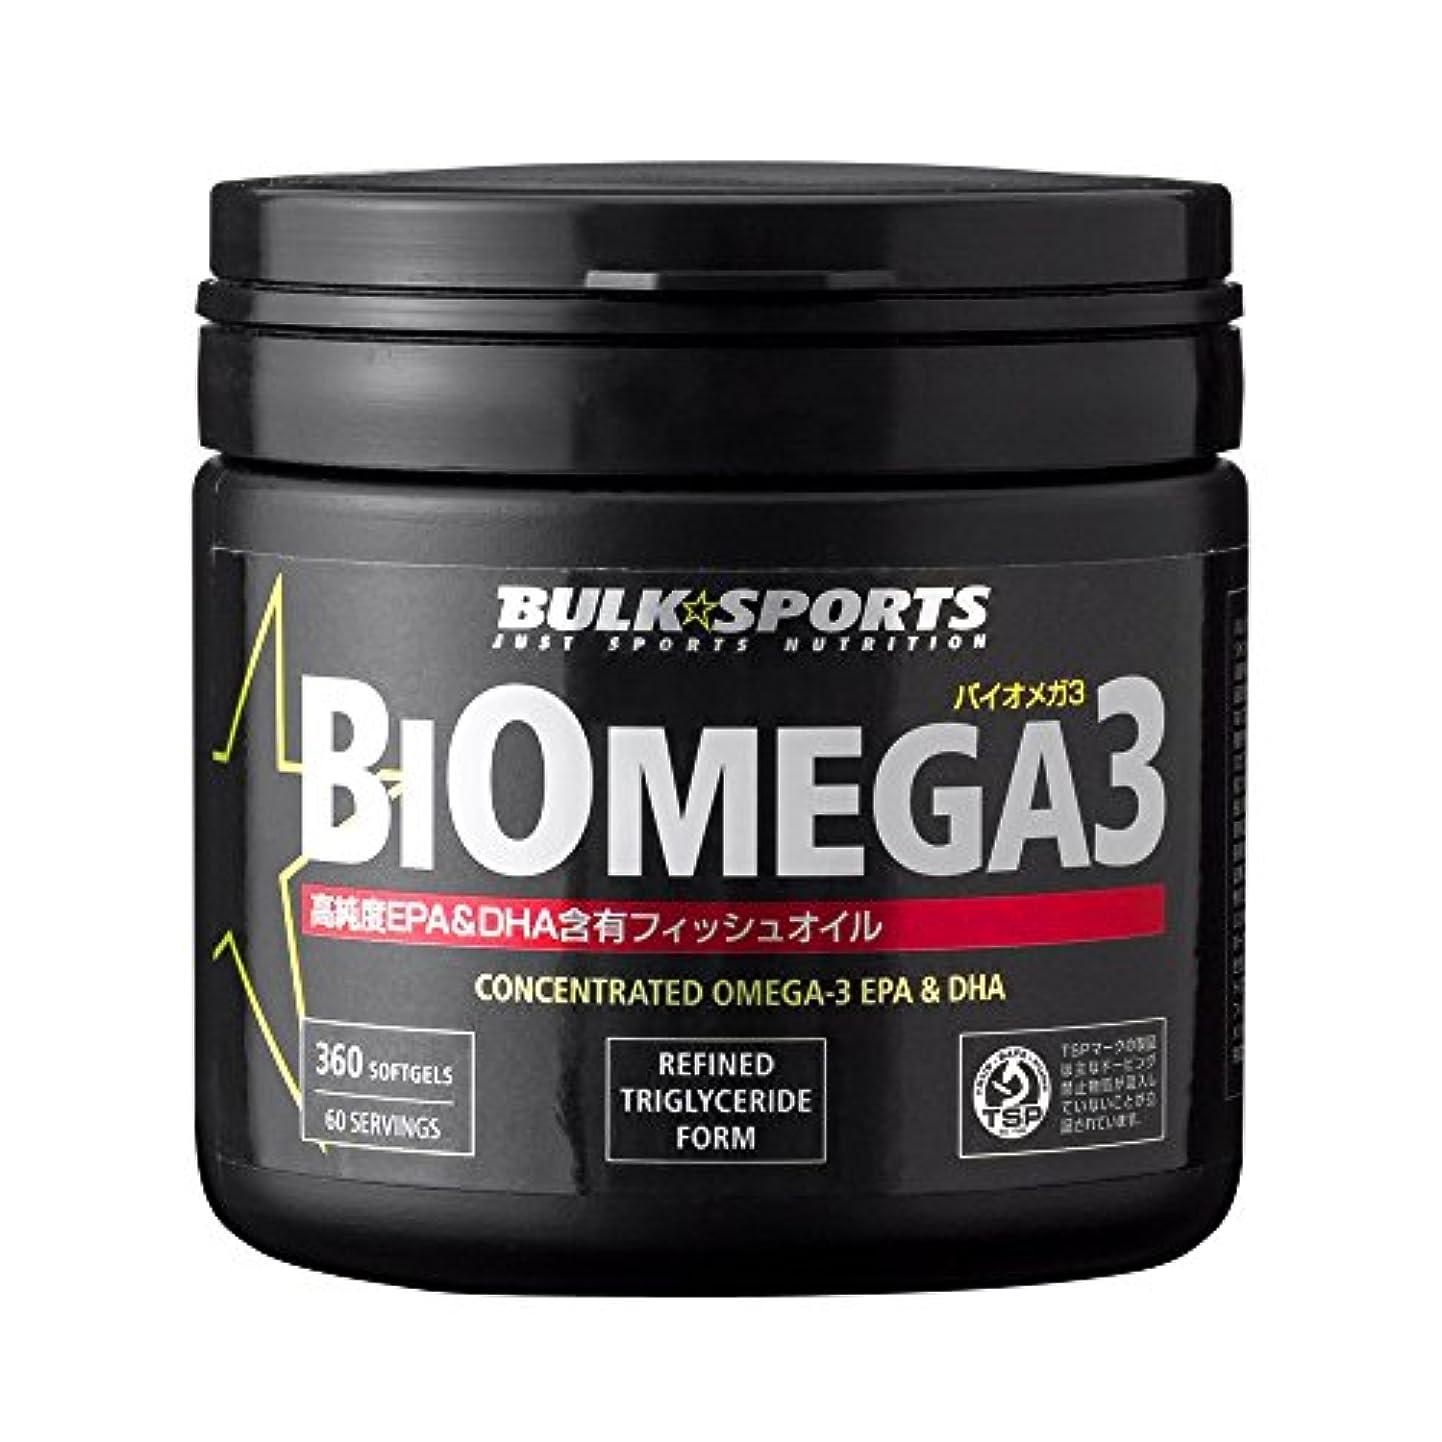 アルプス熱心混沌バルクスポーツ バイオメガ3 EPA&DHA含有フィッシュオイル 360ソフトジェルカプセル